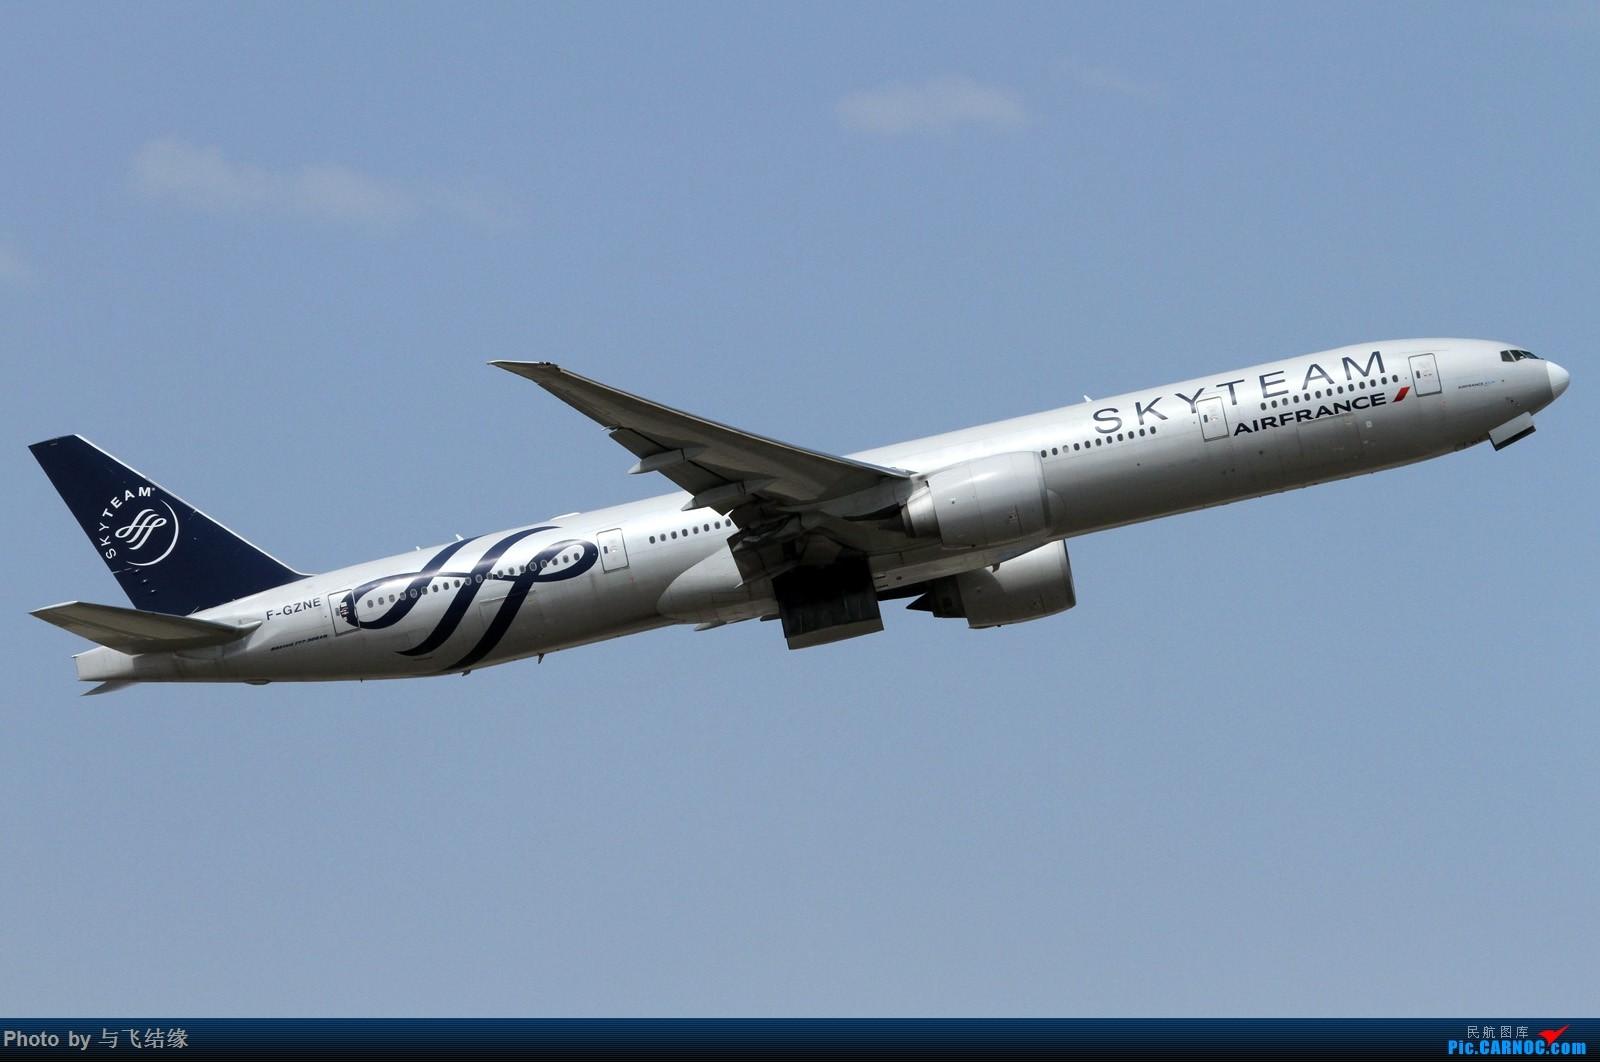 """Re:[原创]山东航空最新波音737-800彩绘机""""好客山东—景芝号""""及其其它的一些一些! BOEING 777-300ER F-GZNE 中国北京首都国际机场"""